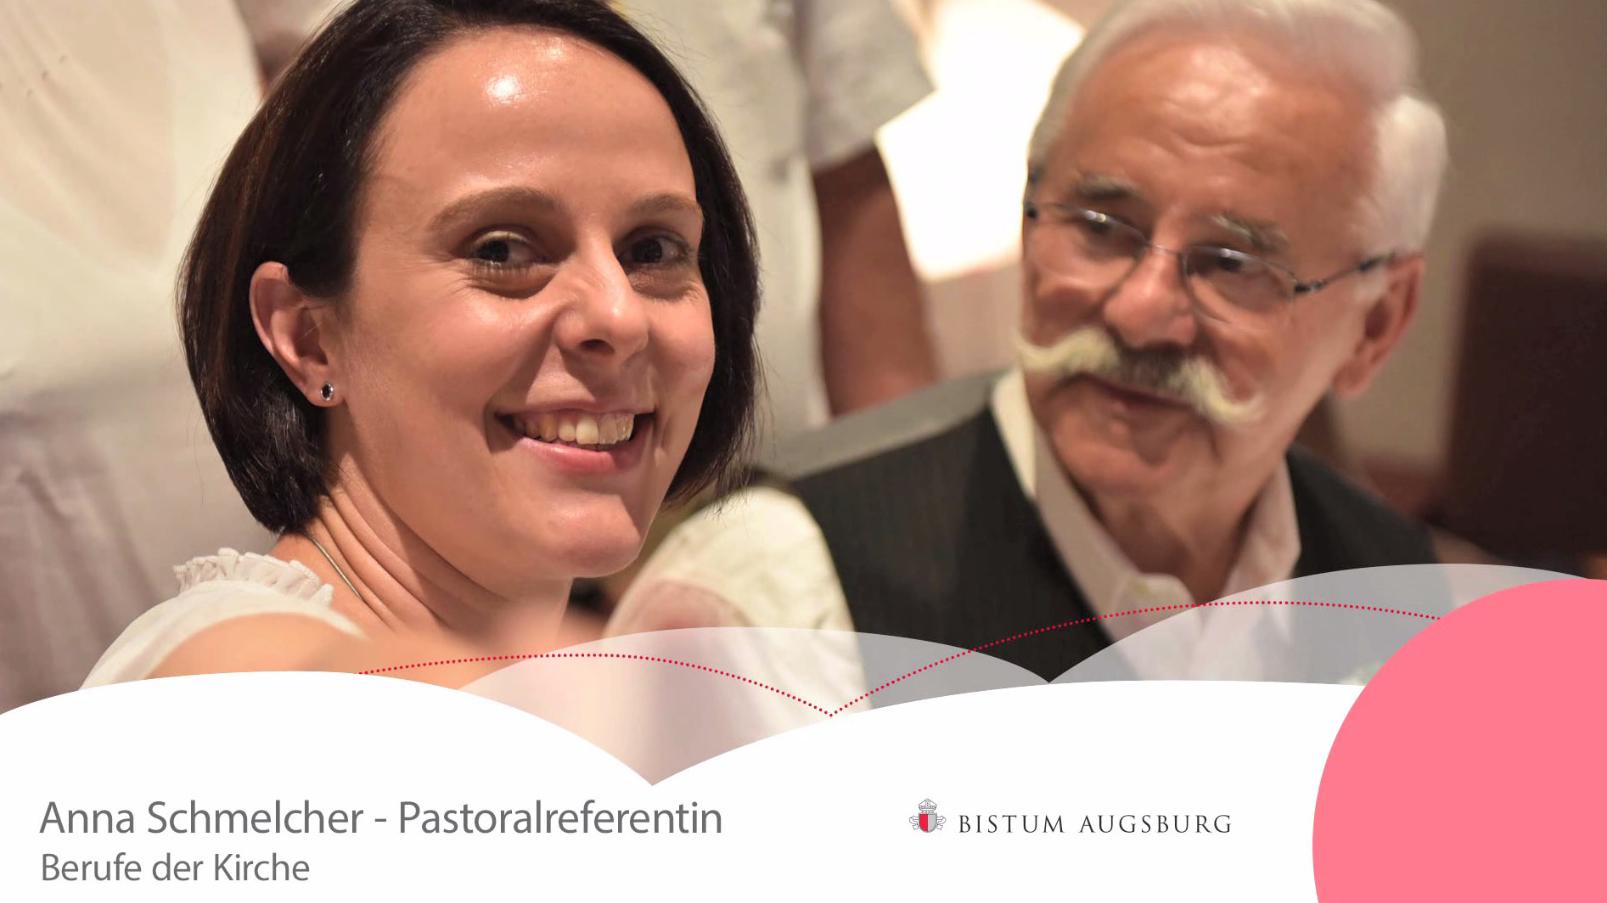 Anna Schmelcher - Pastoralreferentin